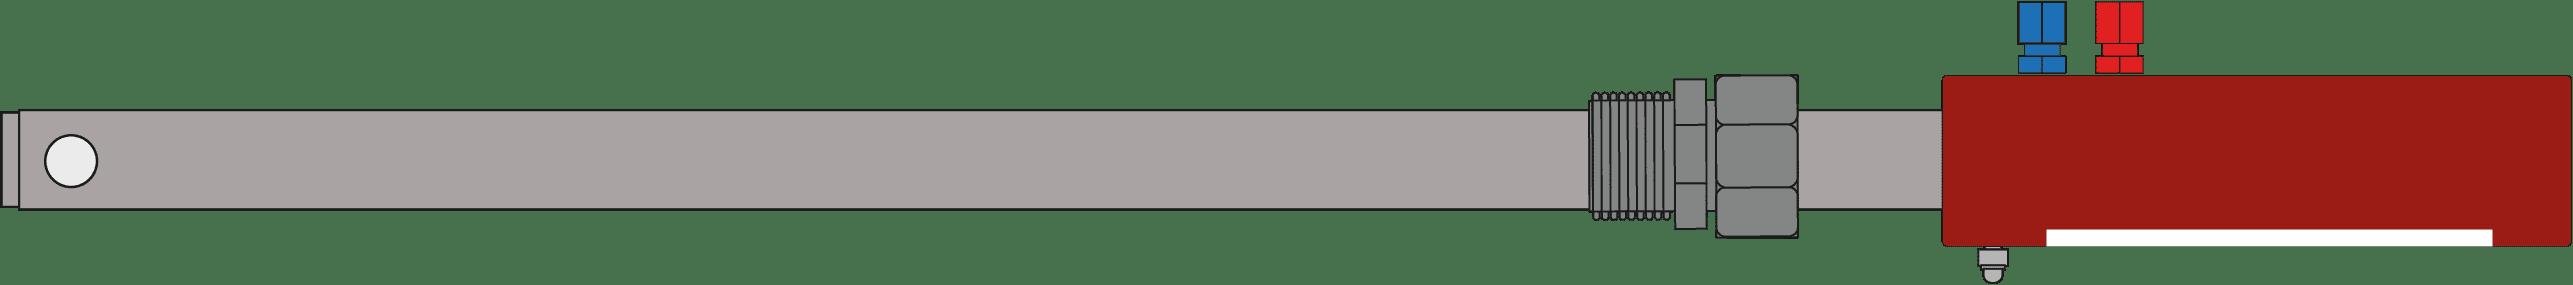 Sonde CarboProbe ZI pro (%C)